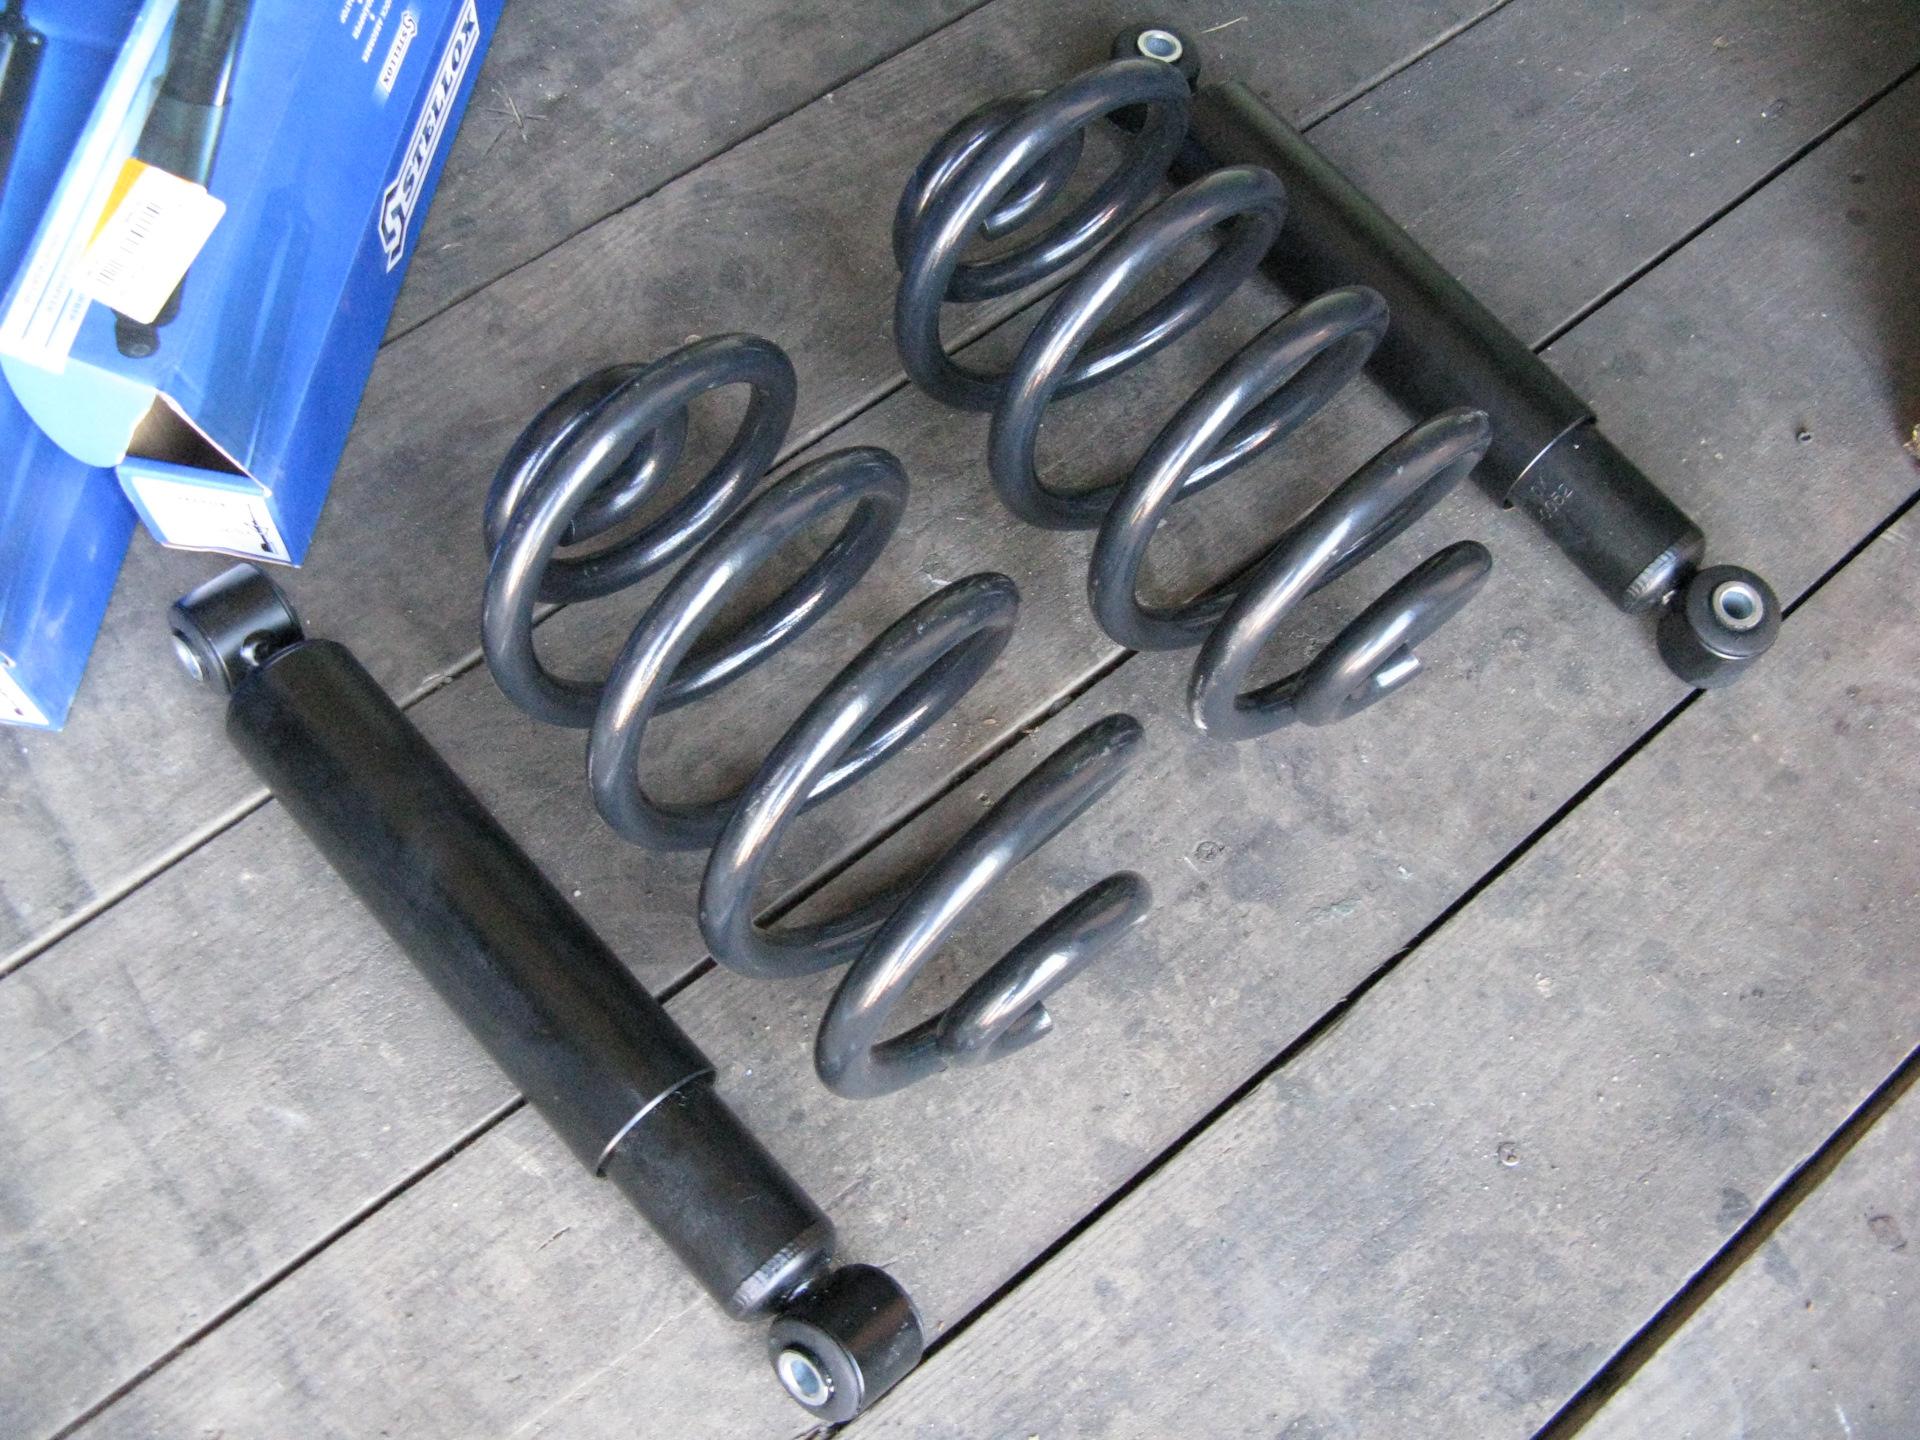 Задние пружины на транспортер т3 завод конвейерного оборудования курган вакансии отдел кадров